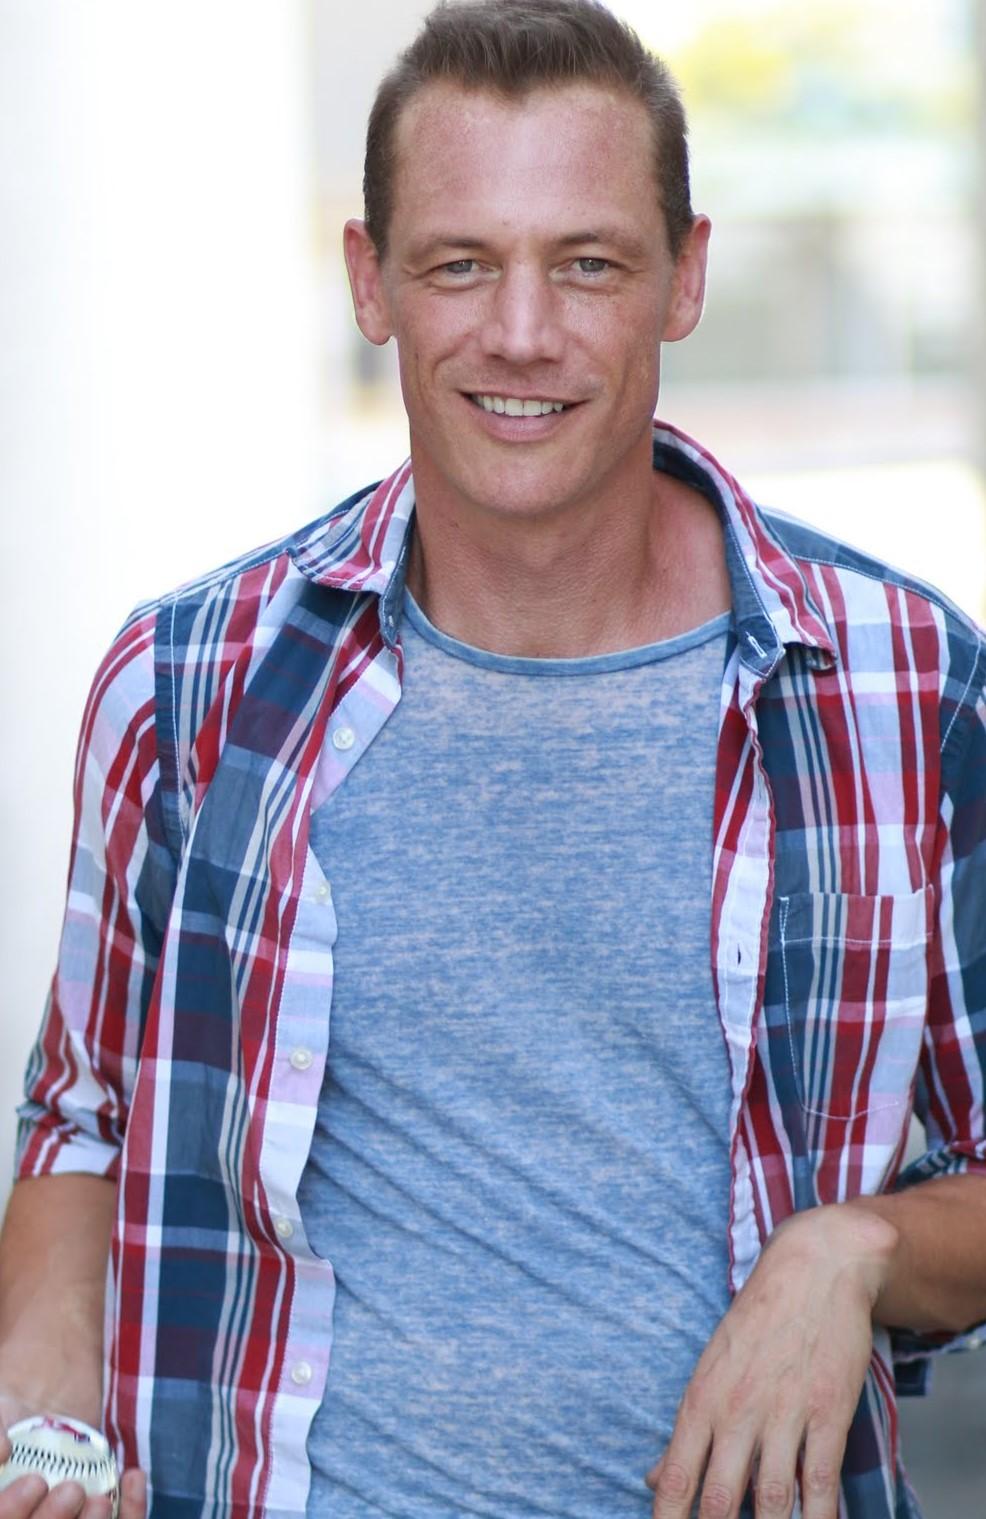 Ryan Locke